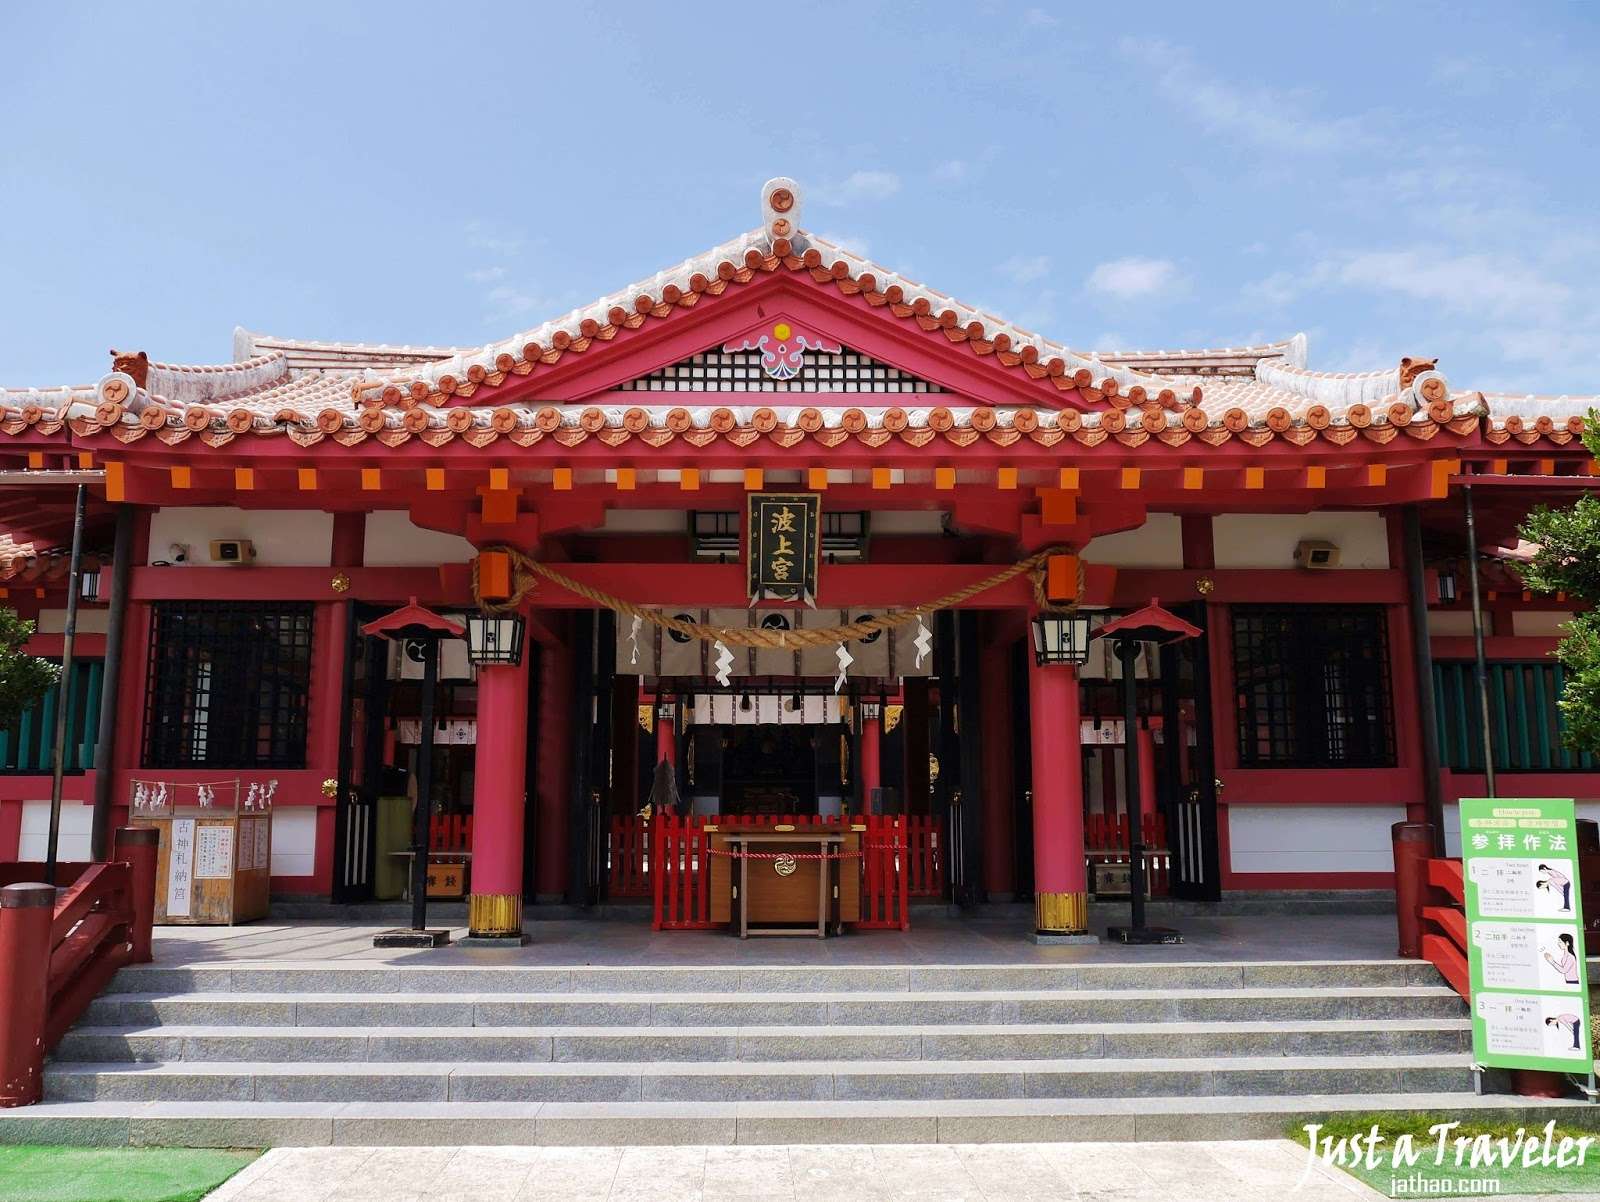 沖繩-景點-推薦-波上宮-神社-自由行-旅遊-Okinawa-attraction-naminouegu-Toruist-destination